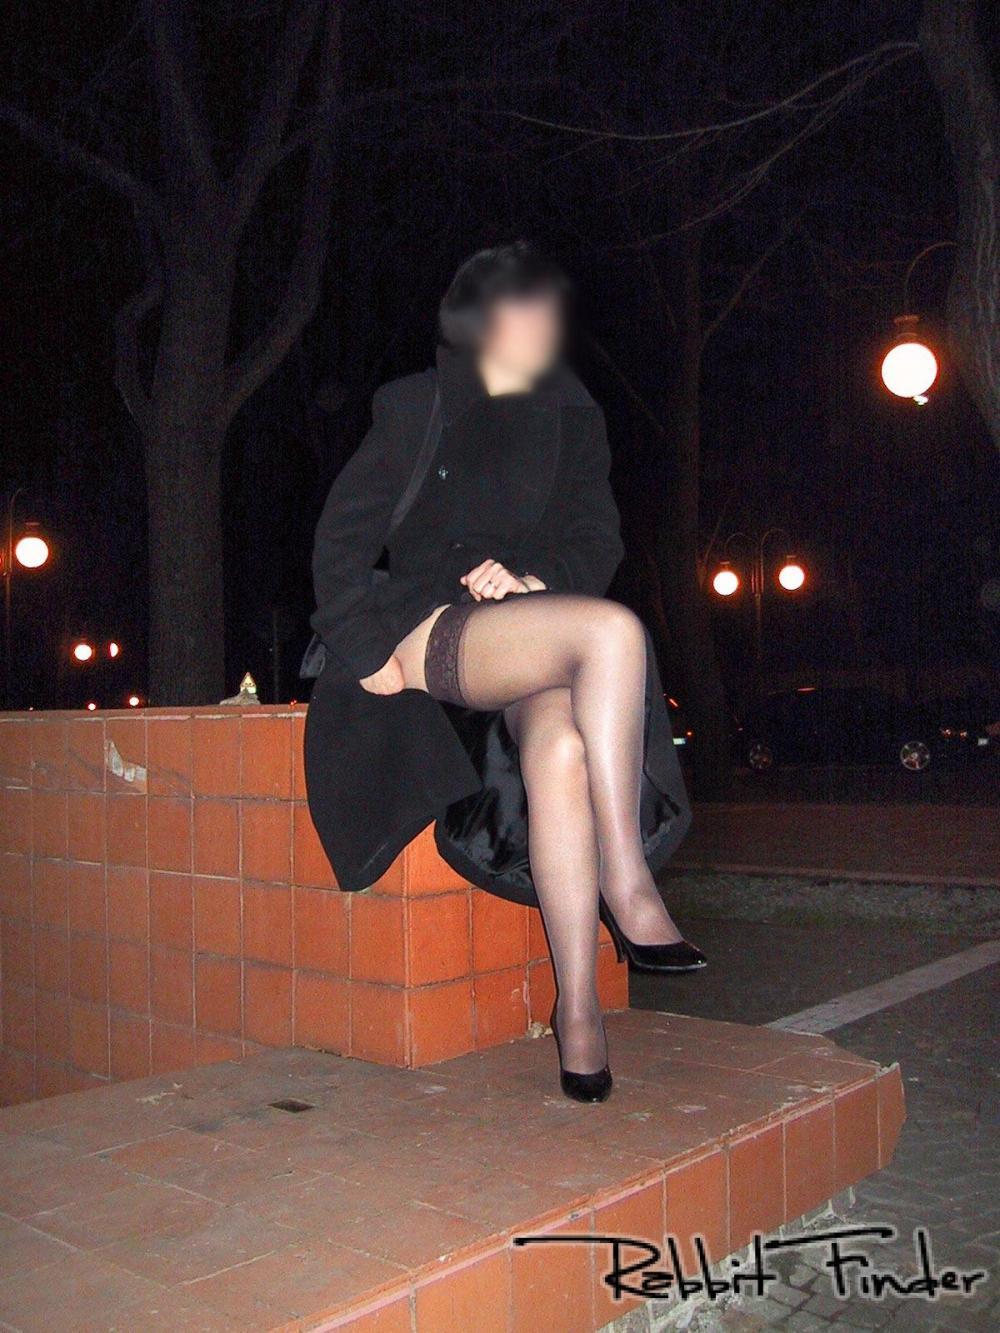 sexe dans la rue video amateur de sexe